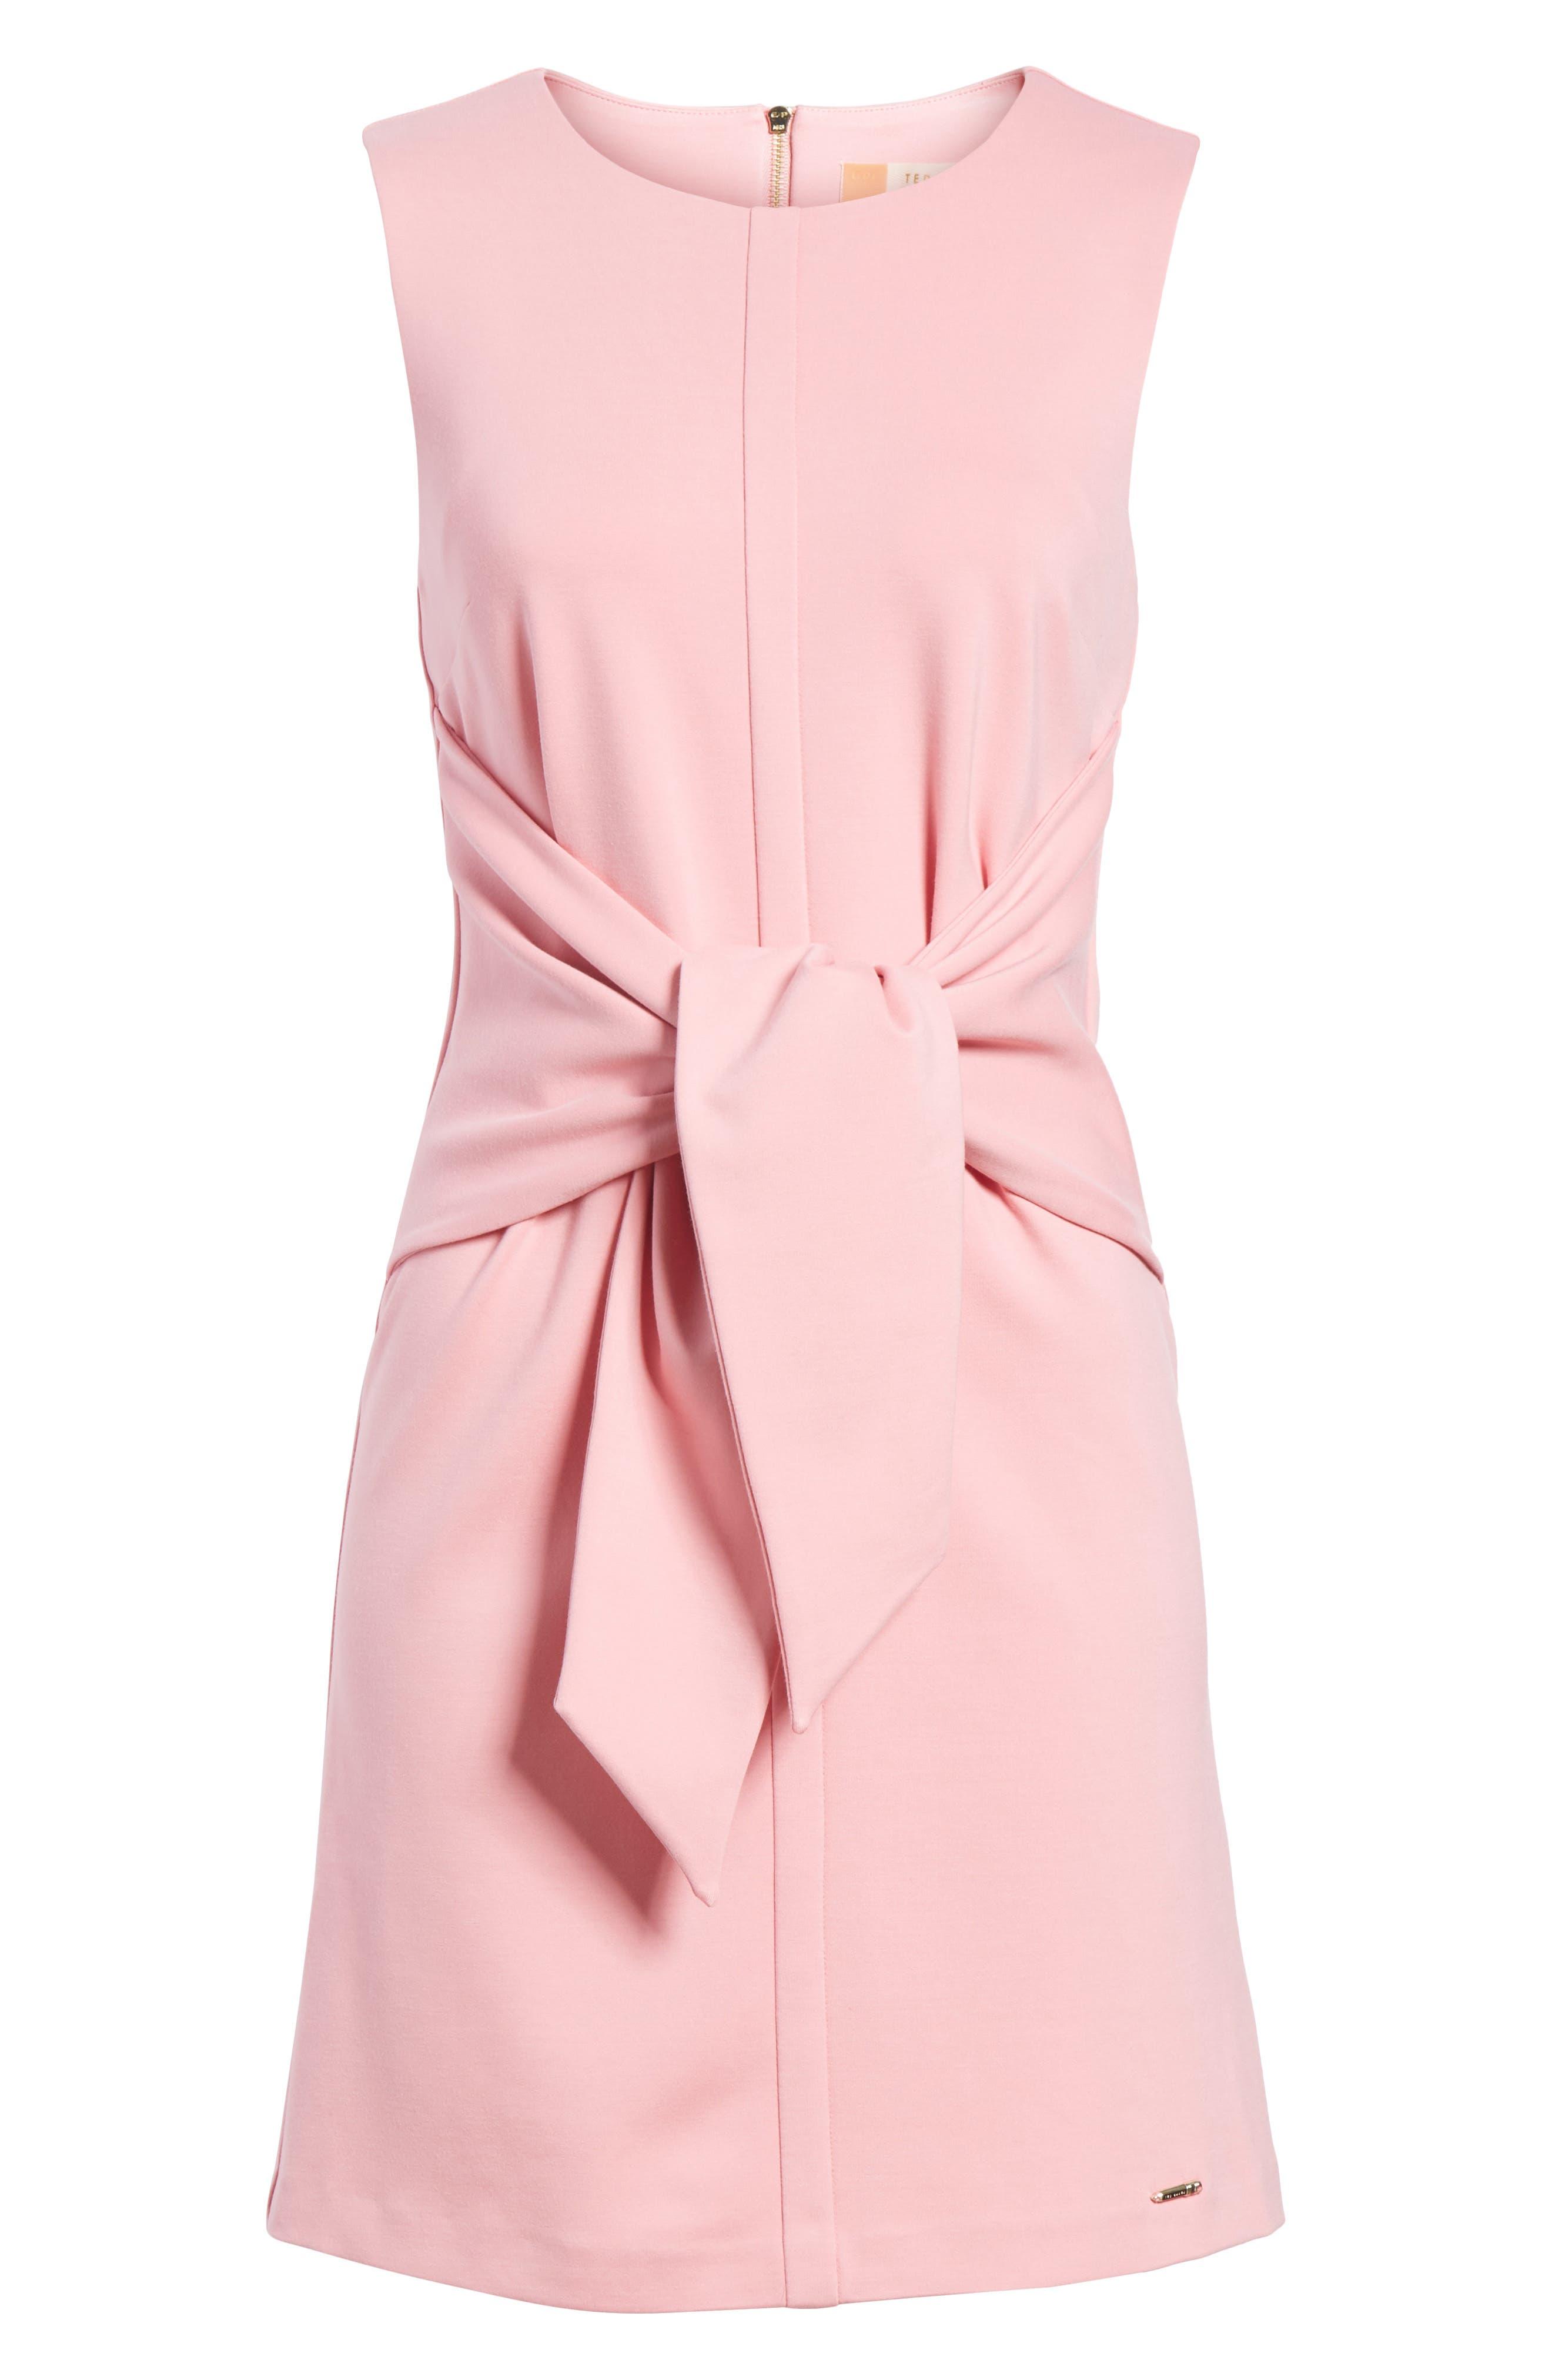 Papron Tie Front Dress,                             Alternate thumbnail 6, color,                             Pink